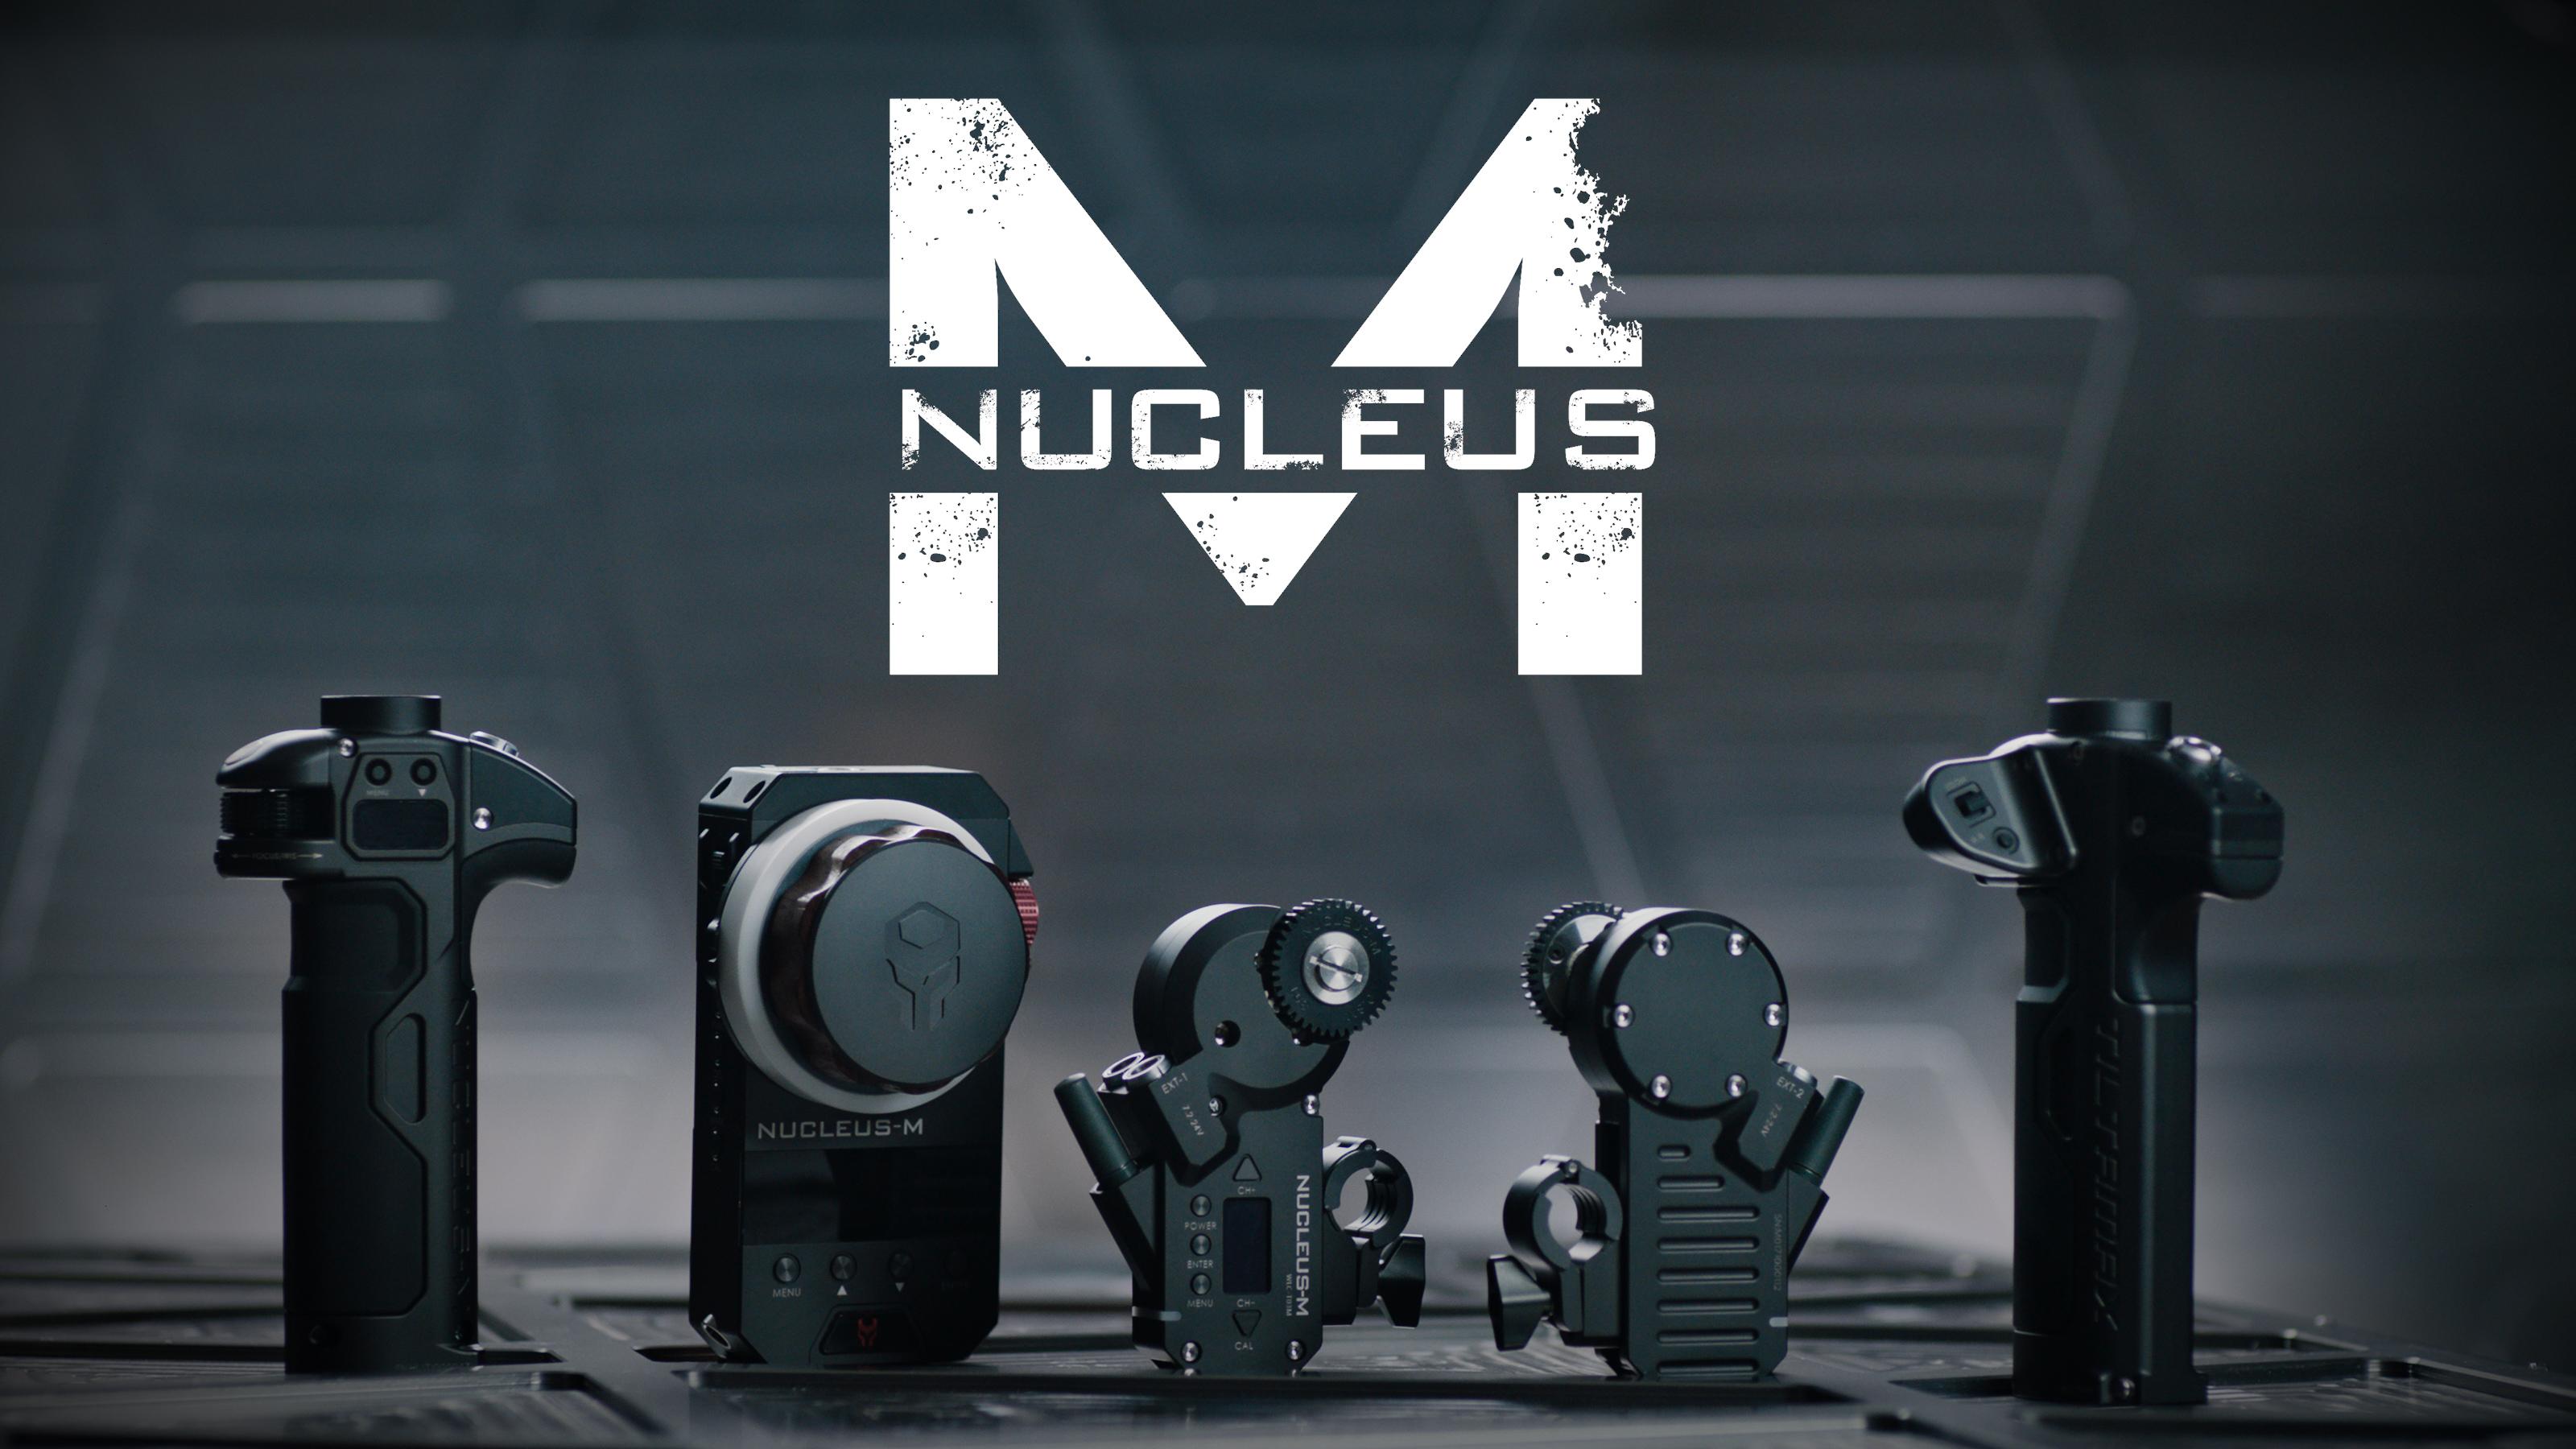 Nucleus-M: Wireless Lens Control System   Tilta